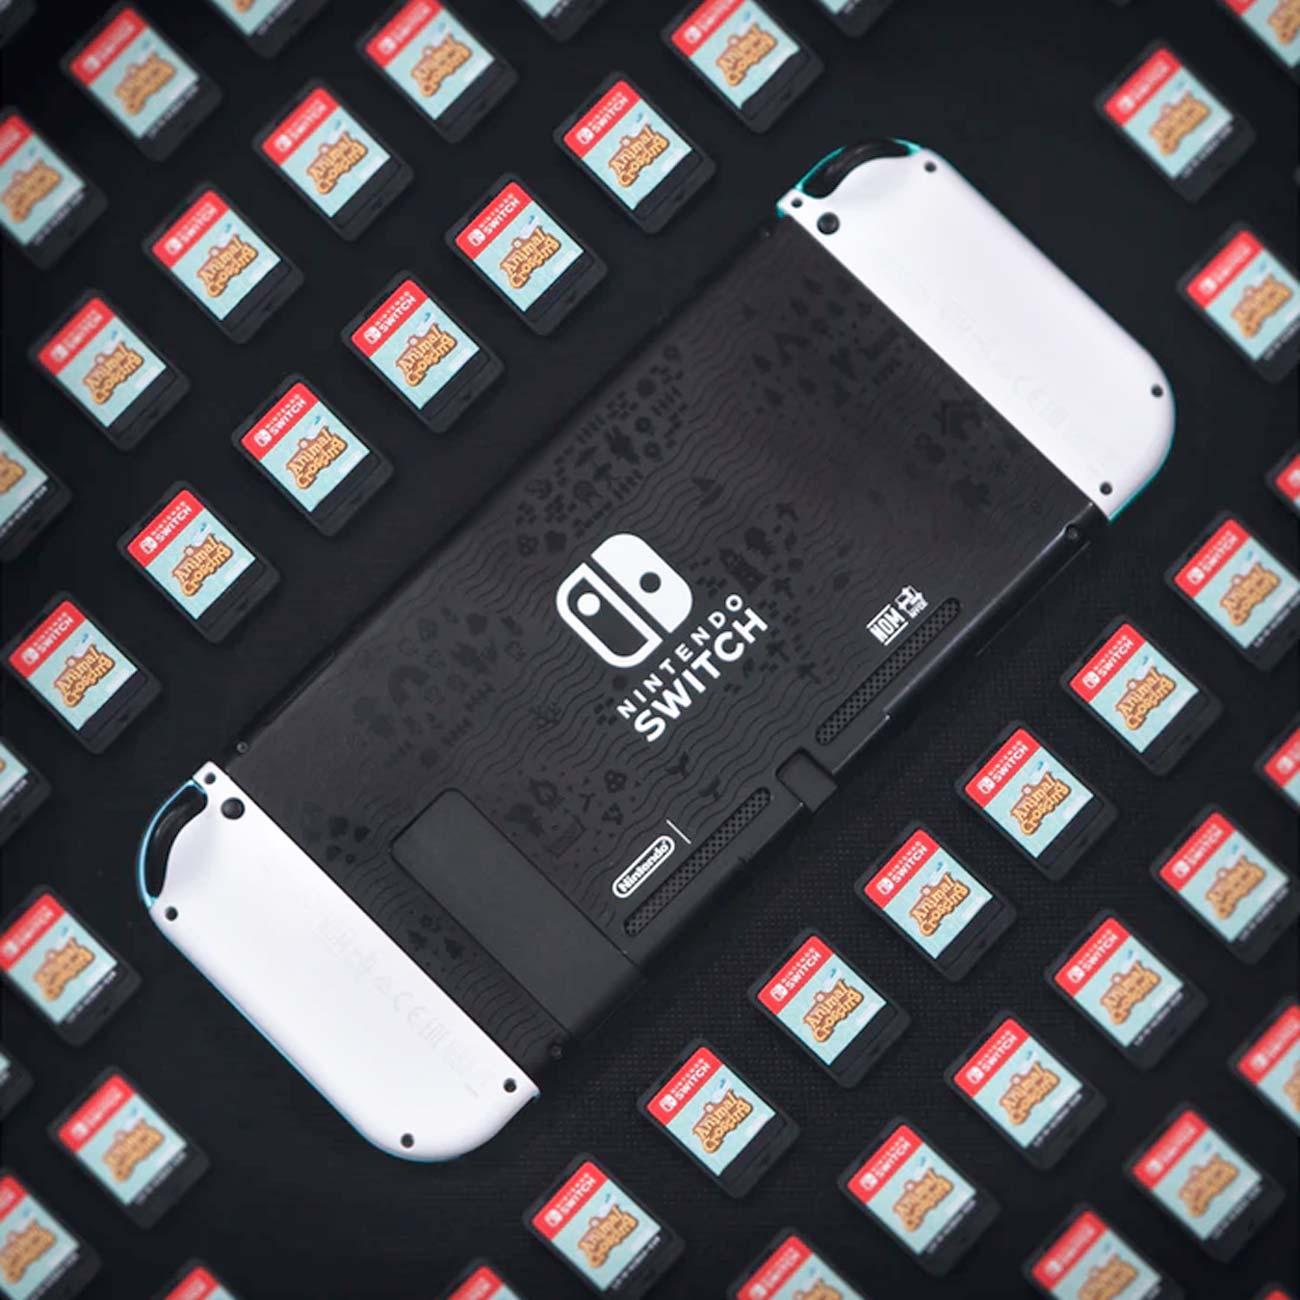 La Nintendo Switch Pro está cada vez más cerca